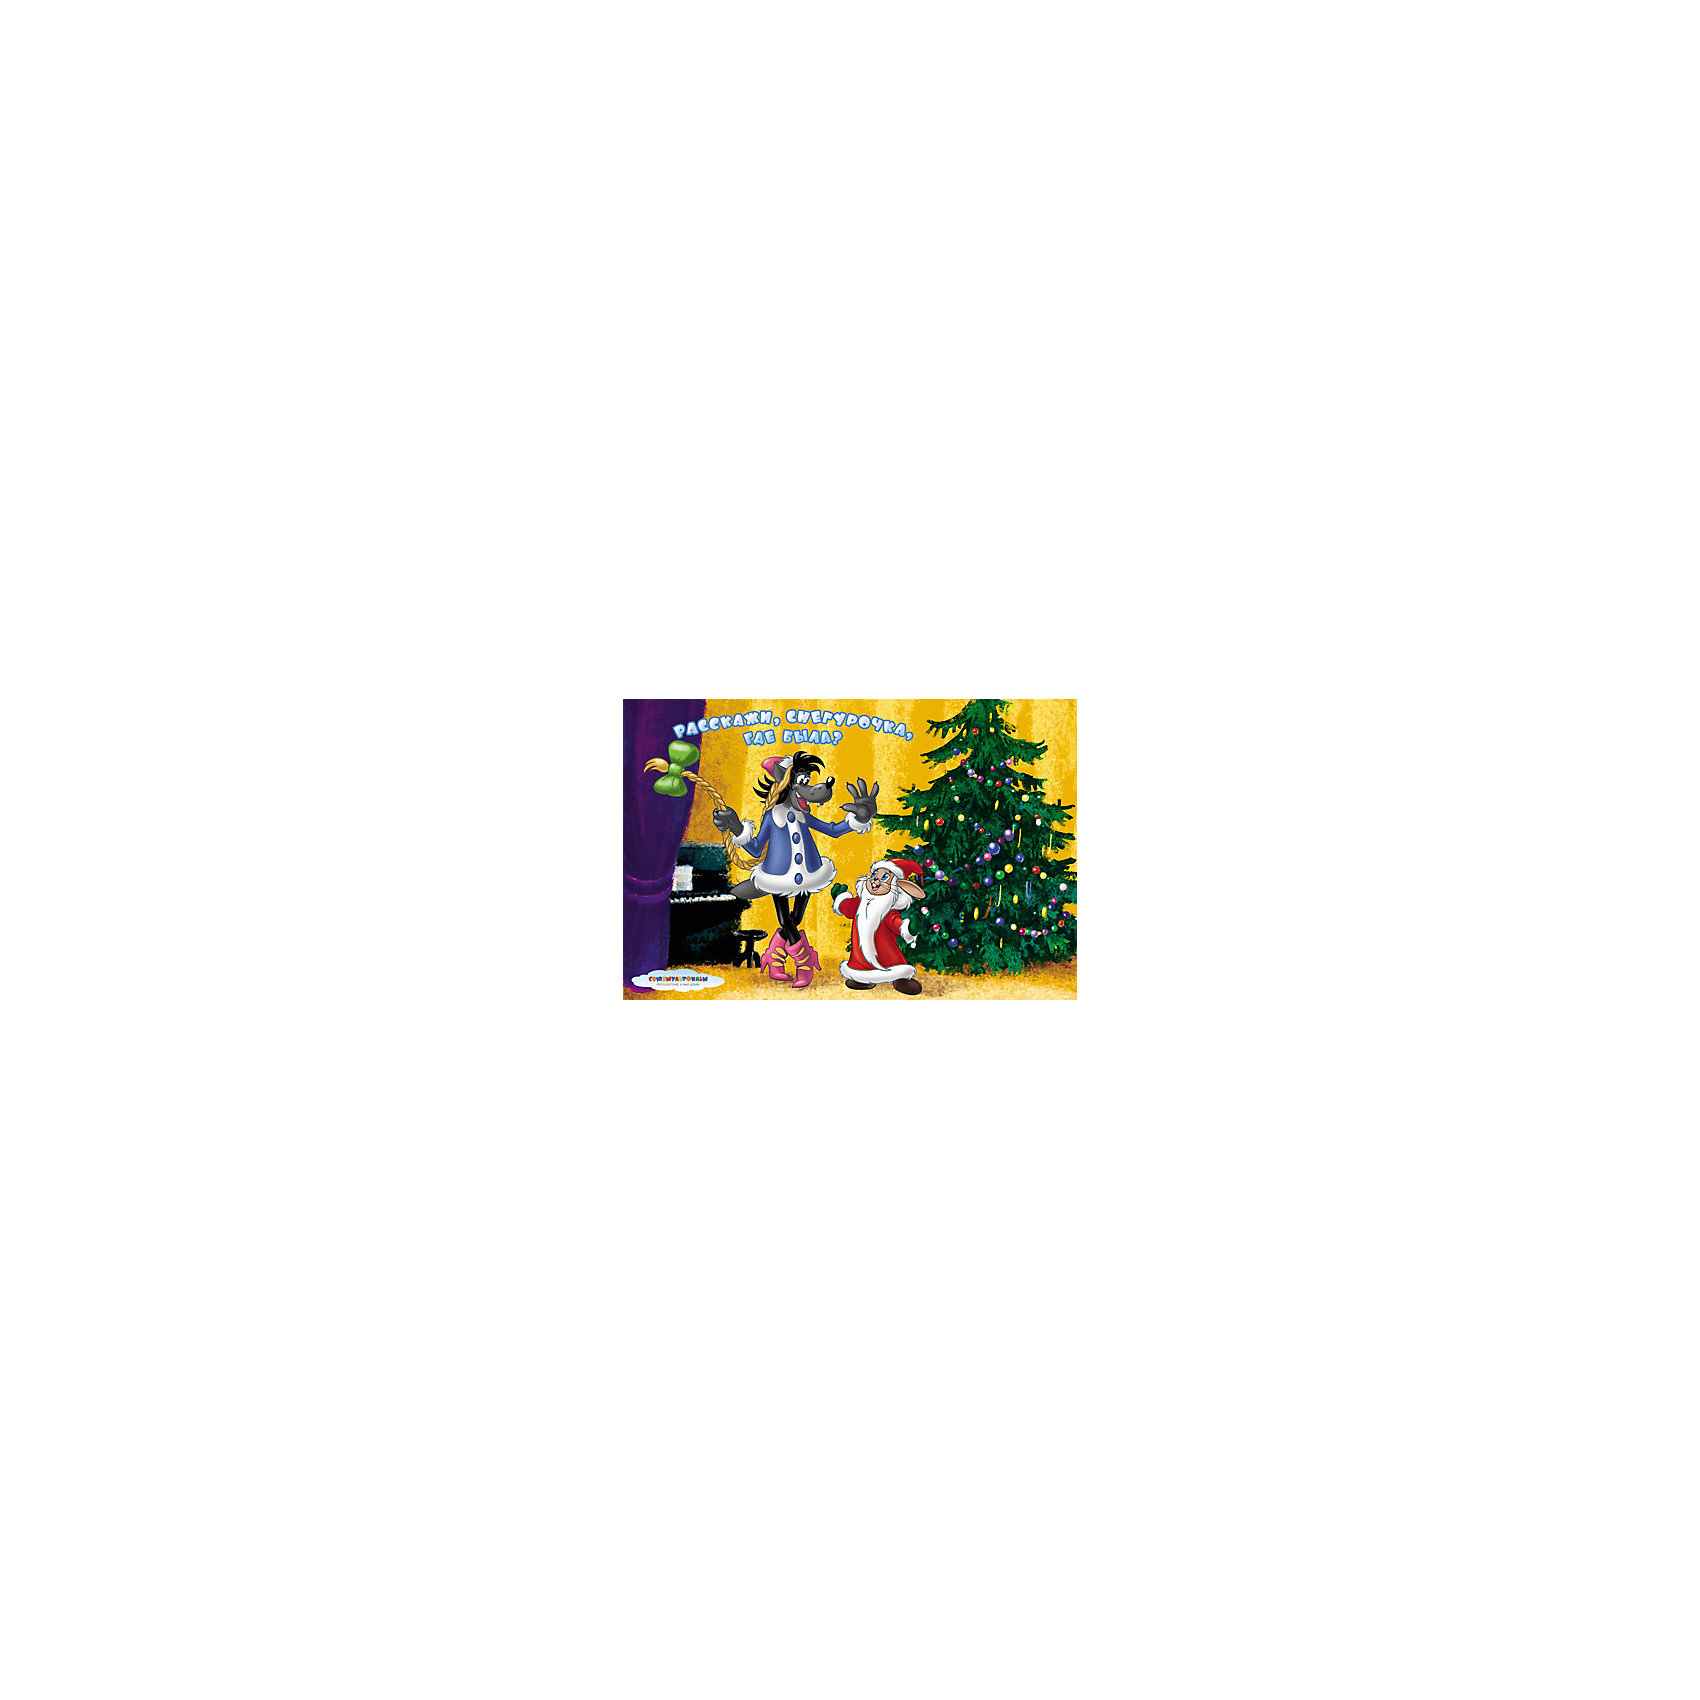 МФК-профит Настольная салфетка «НУ ПОГОДИ! - Расскажи, Снегурочка» 44х28 см, дизайн 3Д кальян 3д модель